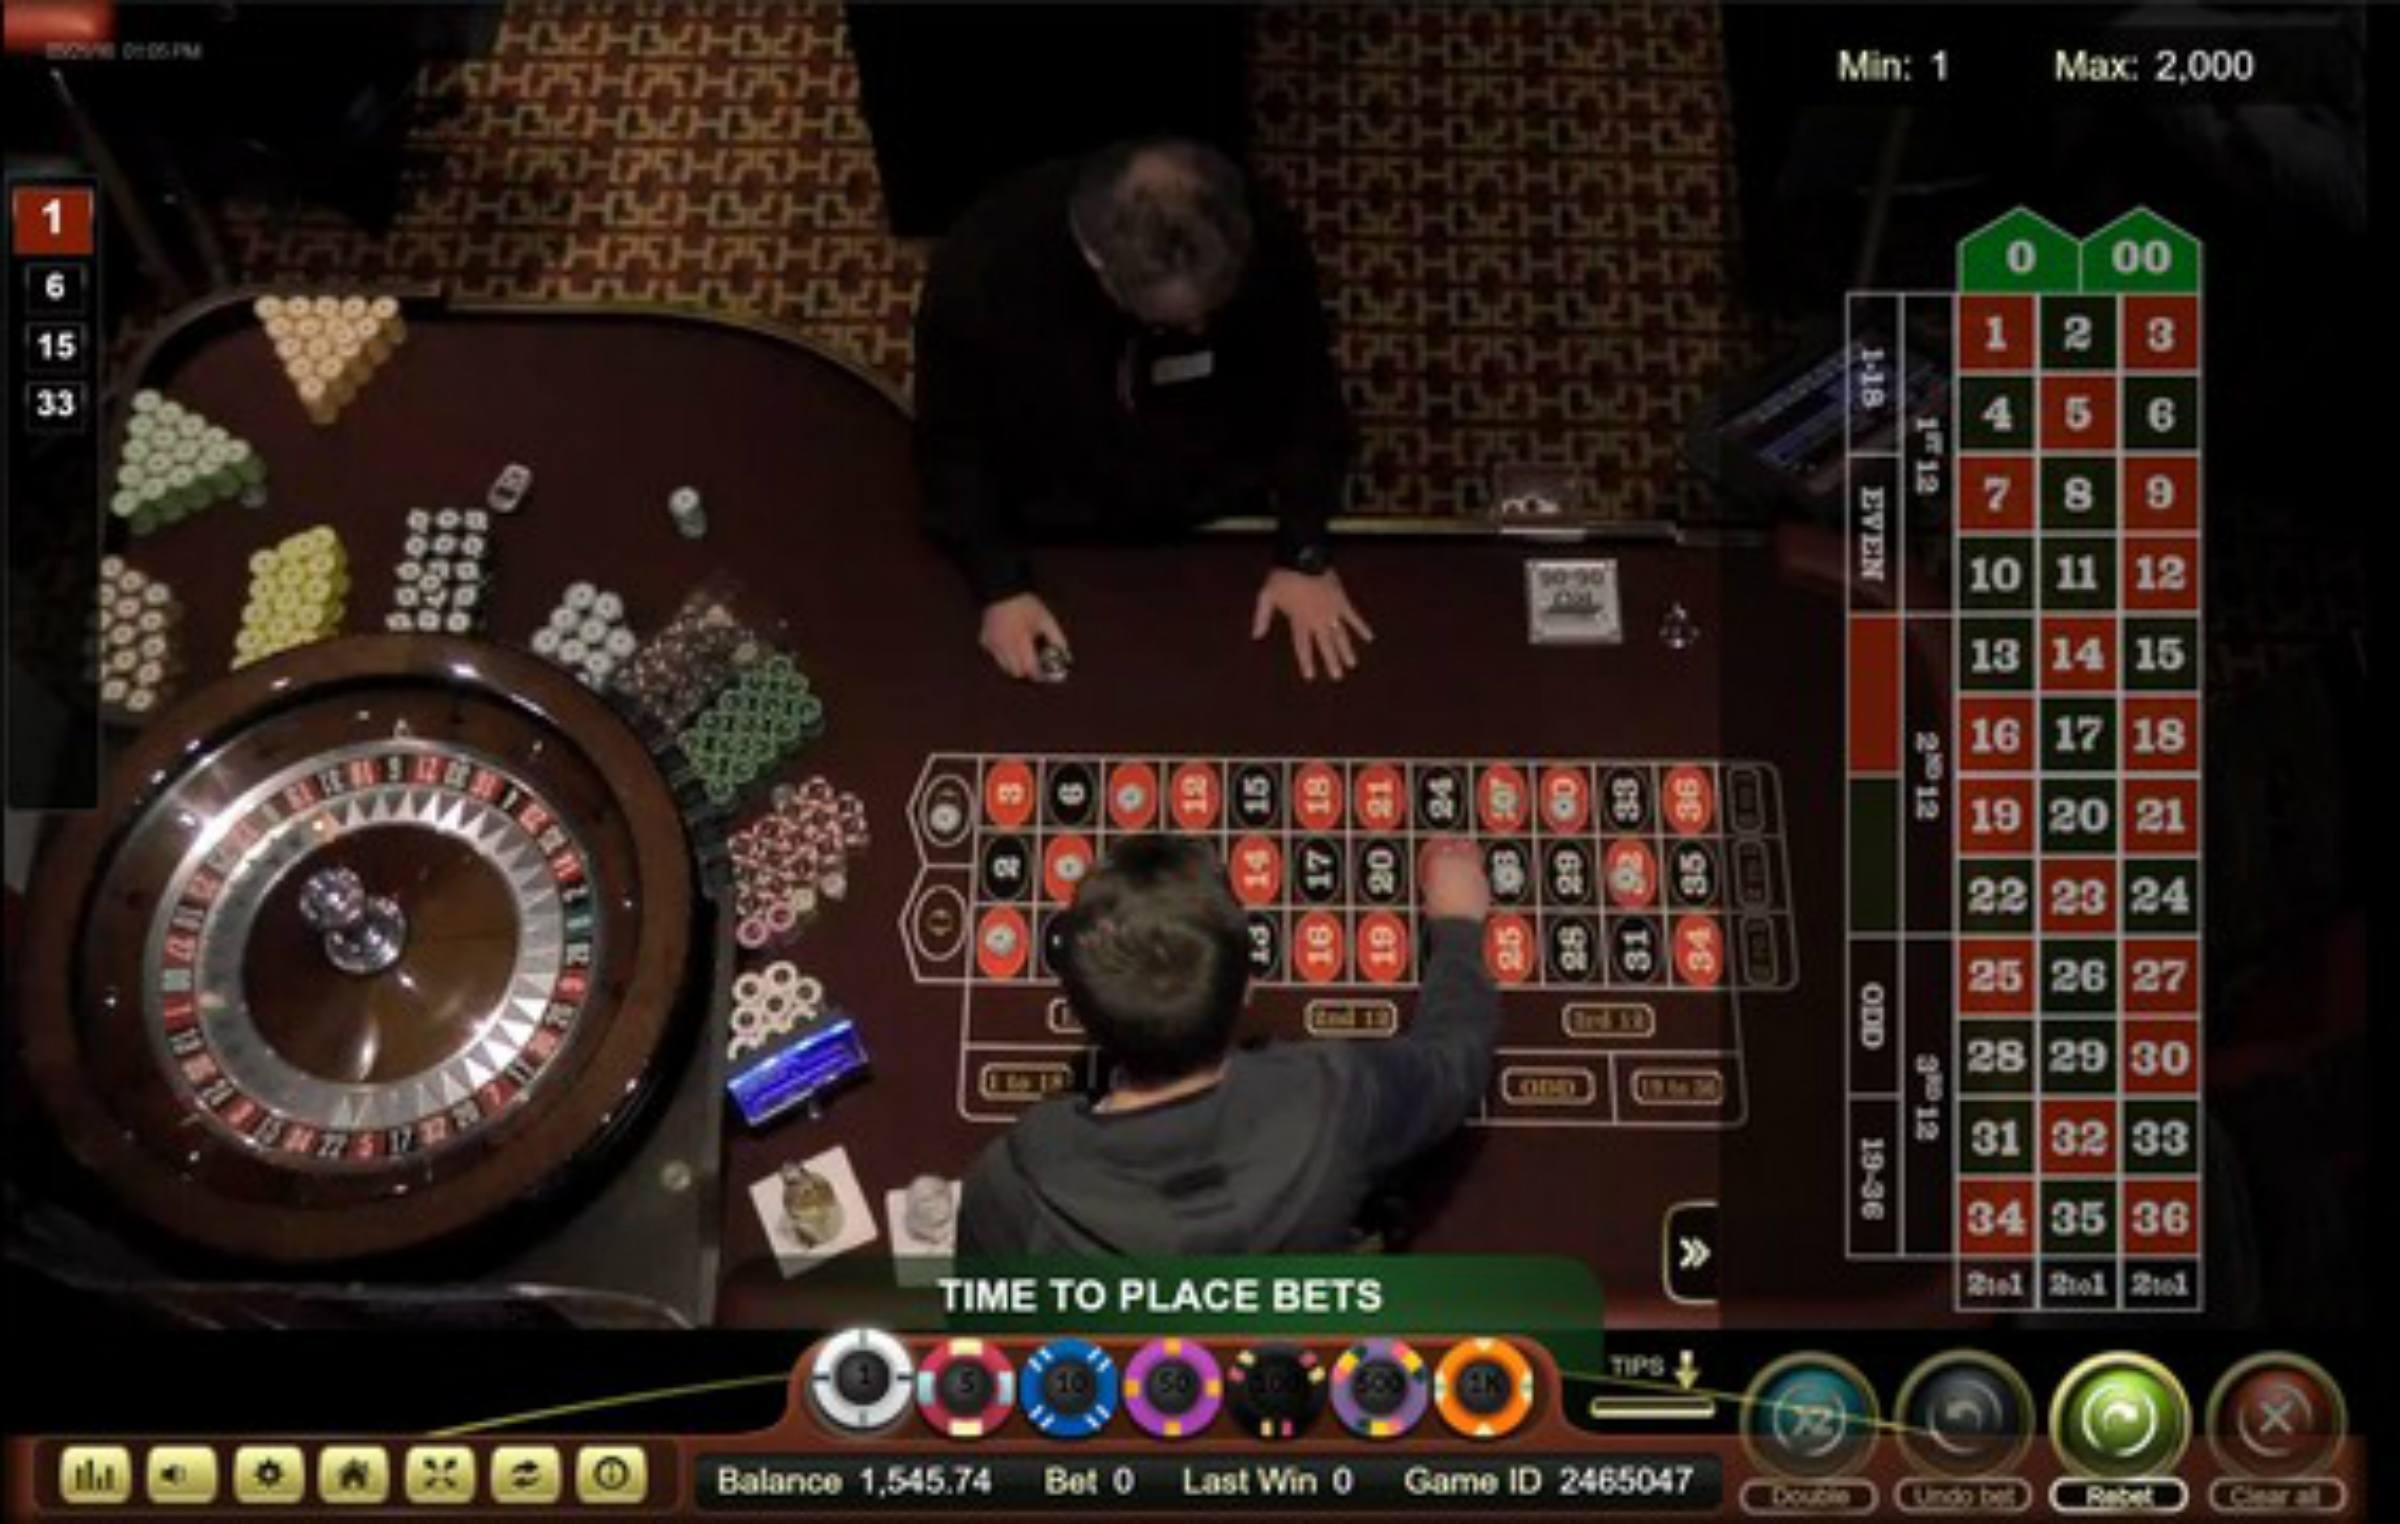 Golden Nugget Atlantic City online gambling